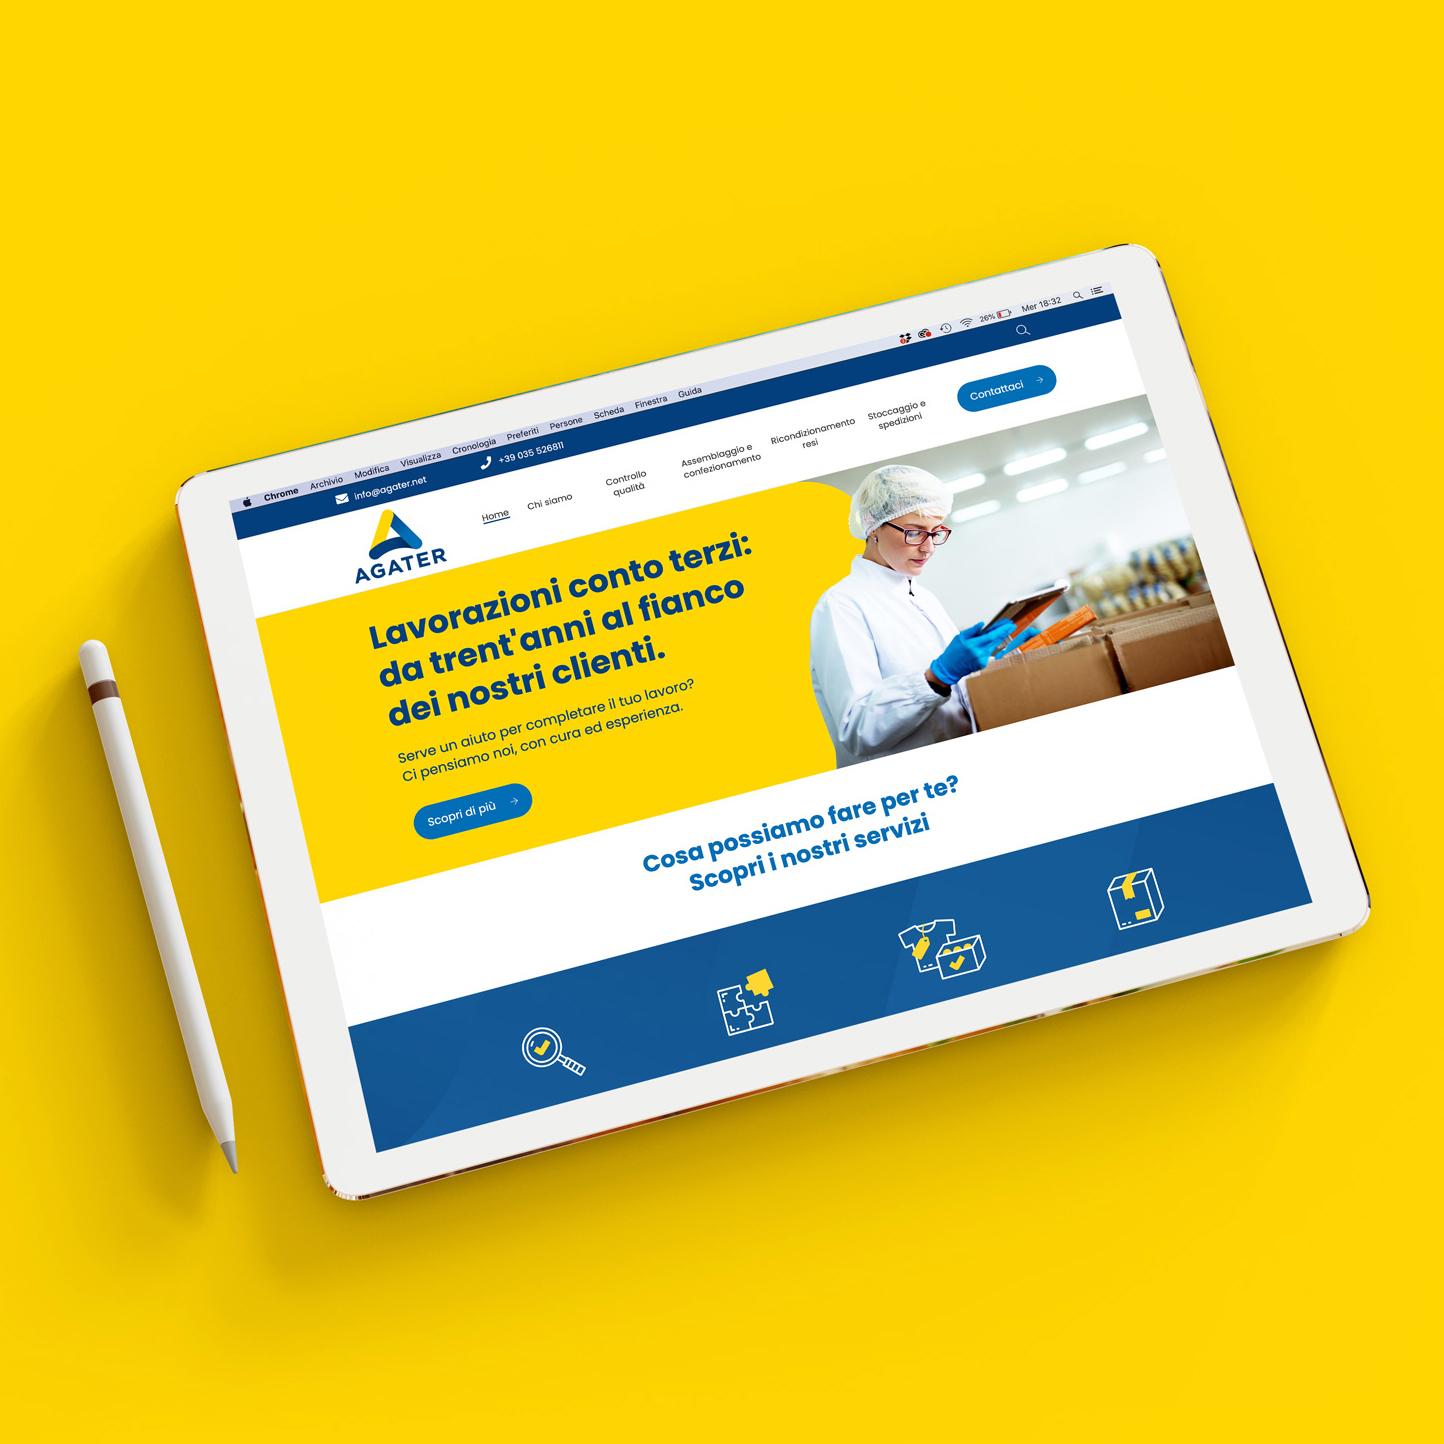 tablet che mostra il sito web agater